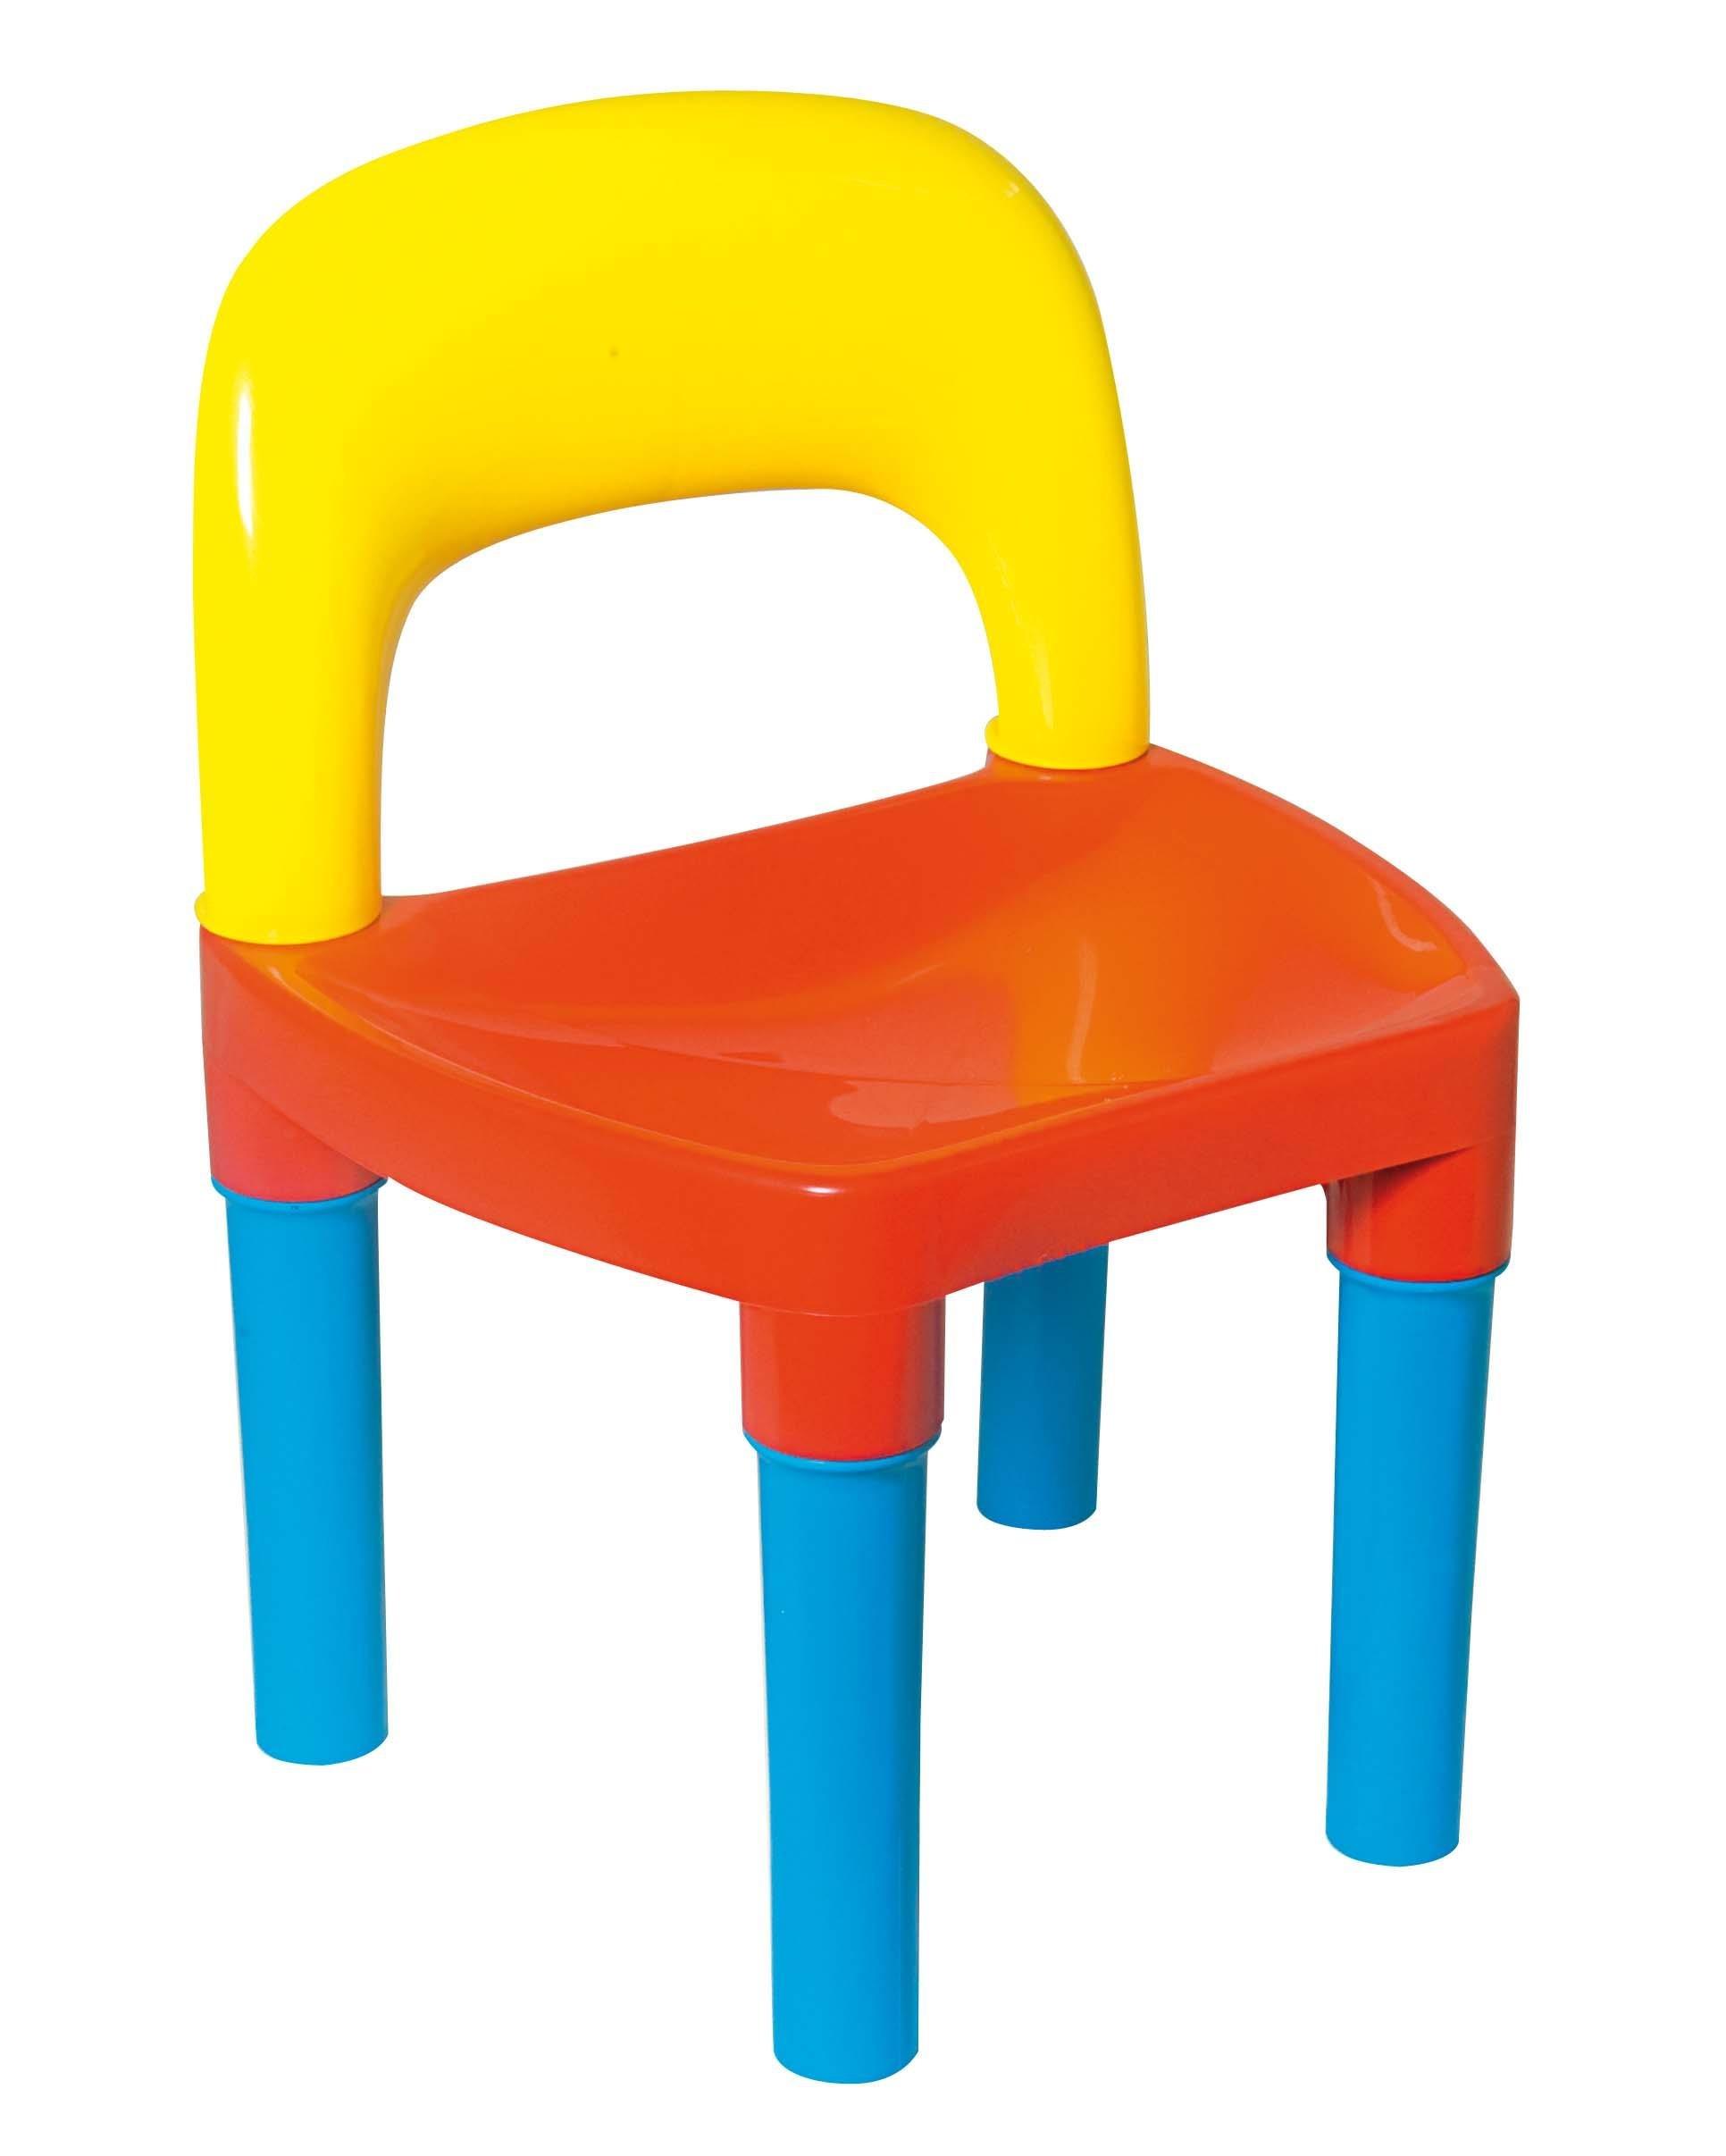 Androni Giocattoli 8910-0000 - Sedia Baby in Box Lito product image